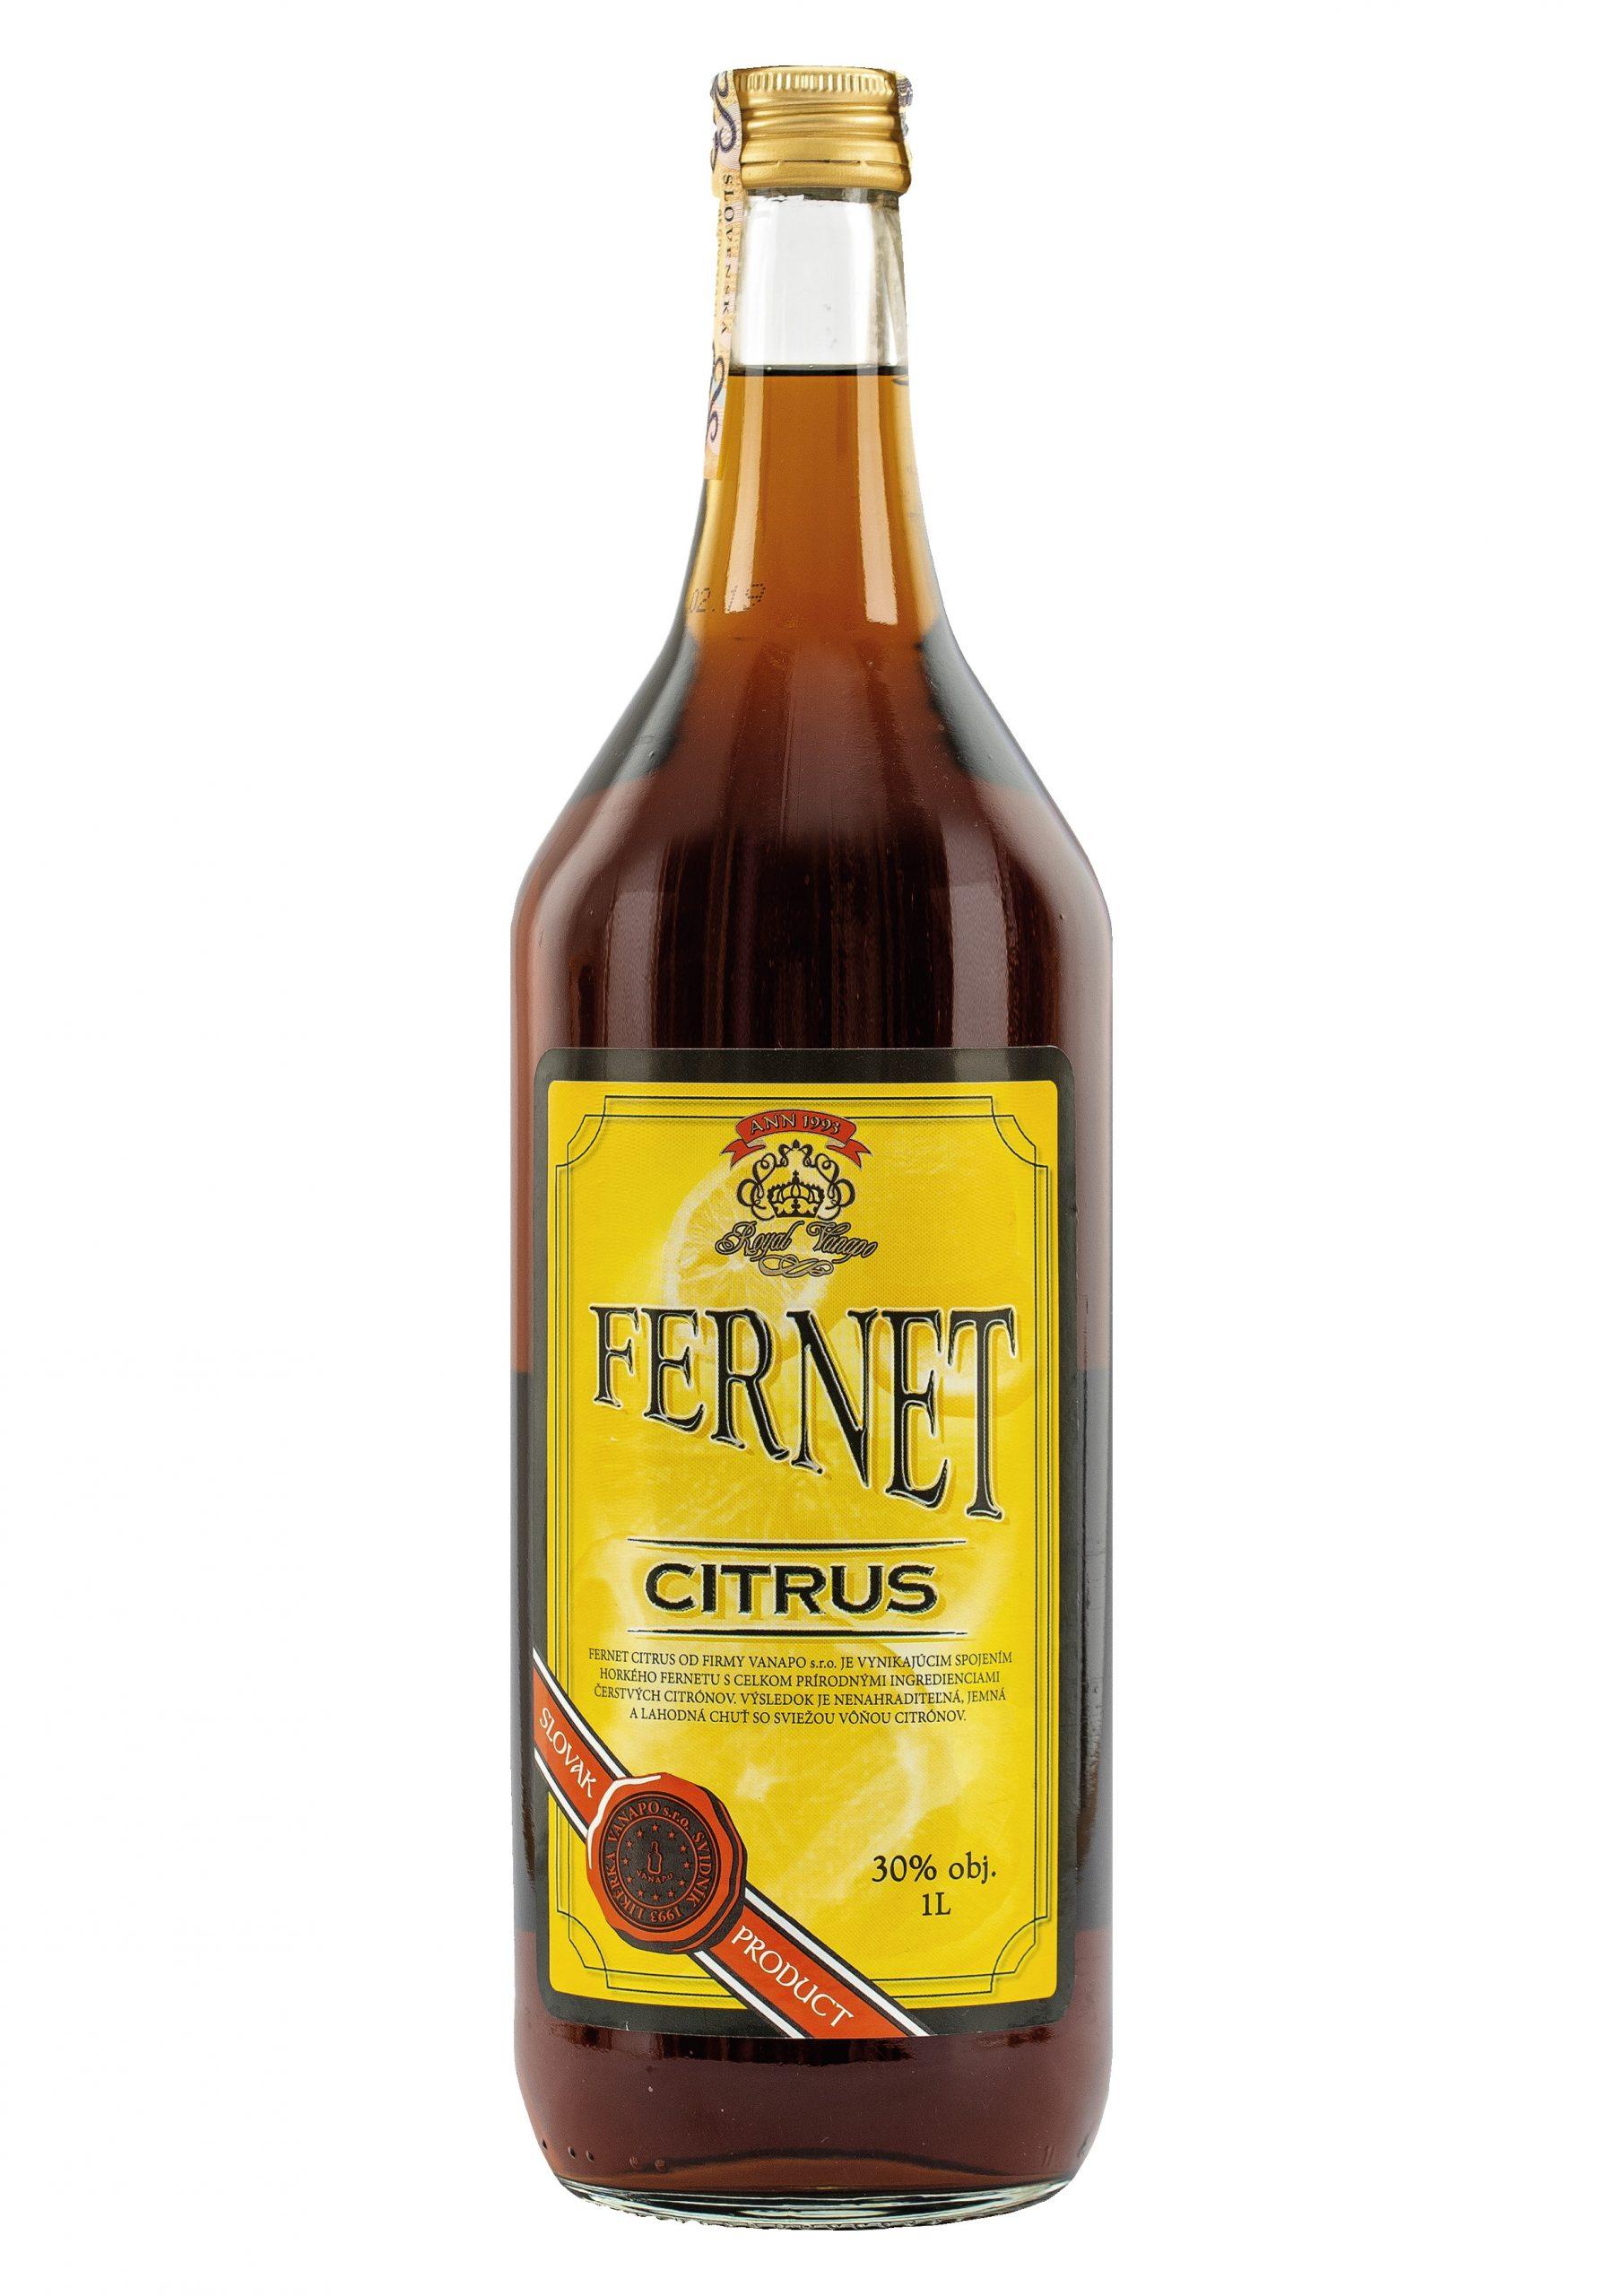 Fernet Citrus Vanapo 30 1L scaled 1 - Fernet Citrus